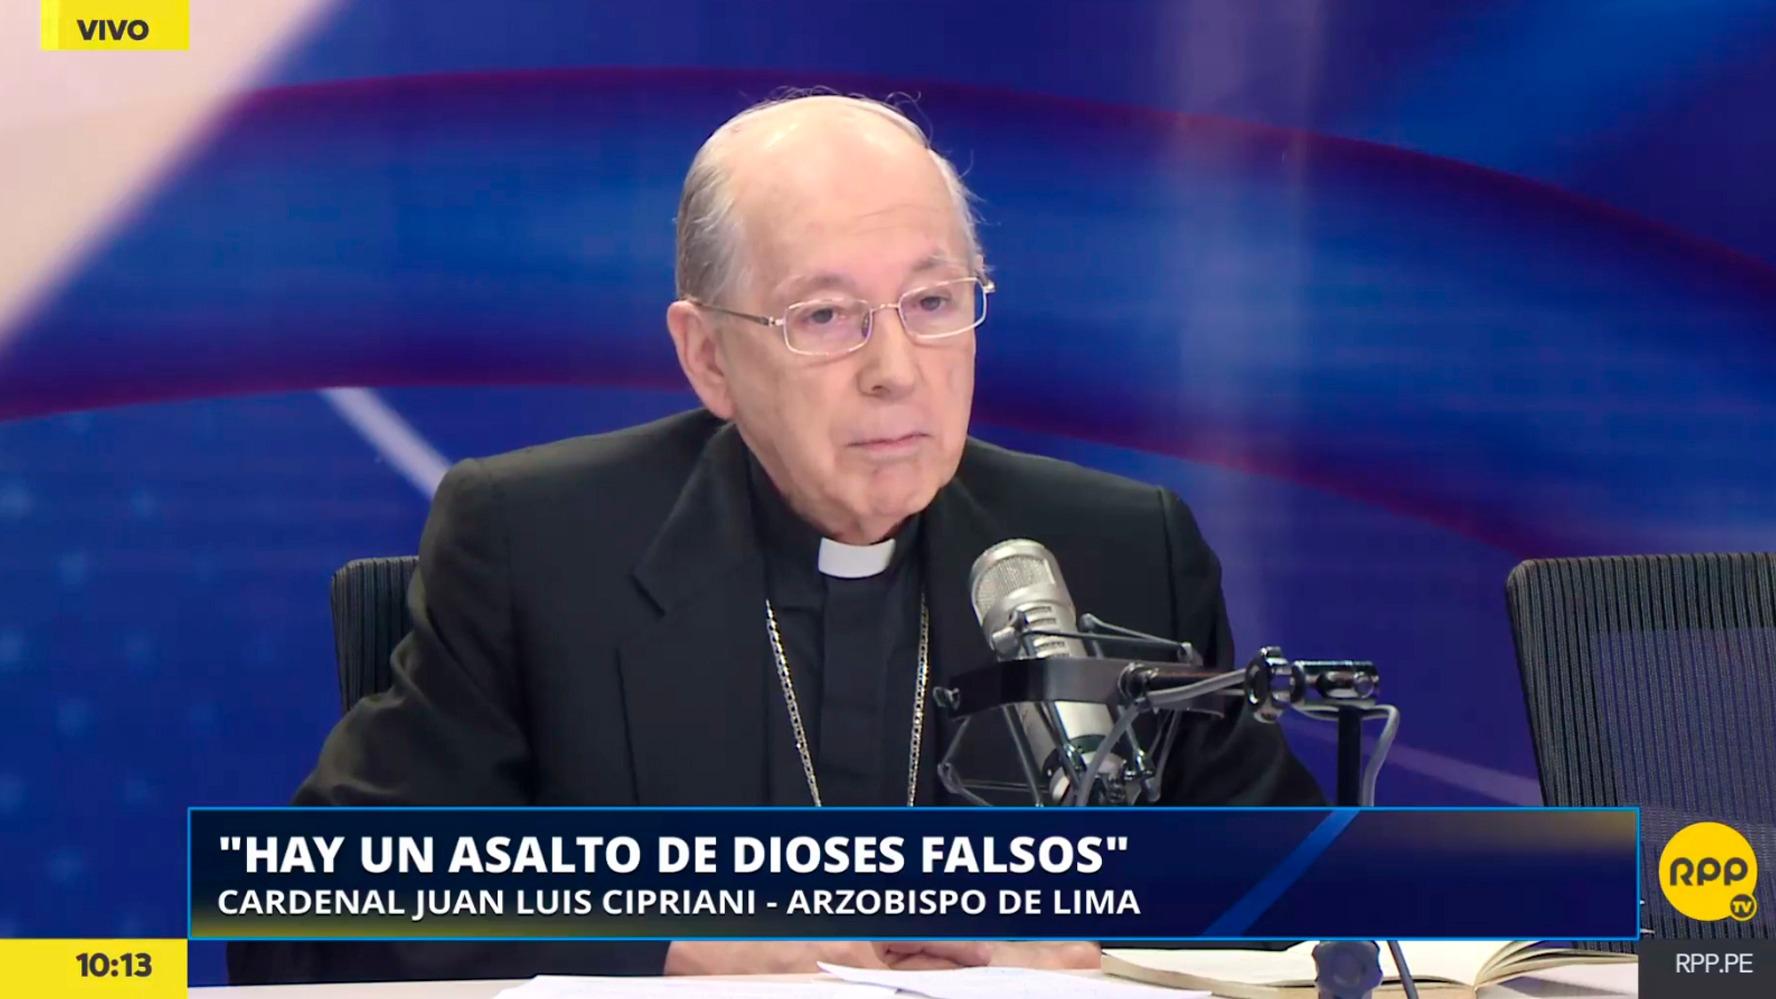 El cardenal Juan Luis Cipriani comentó el escenario político que vive el Perú.